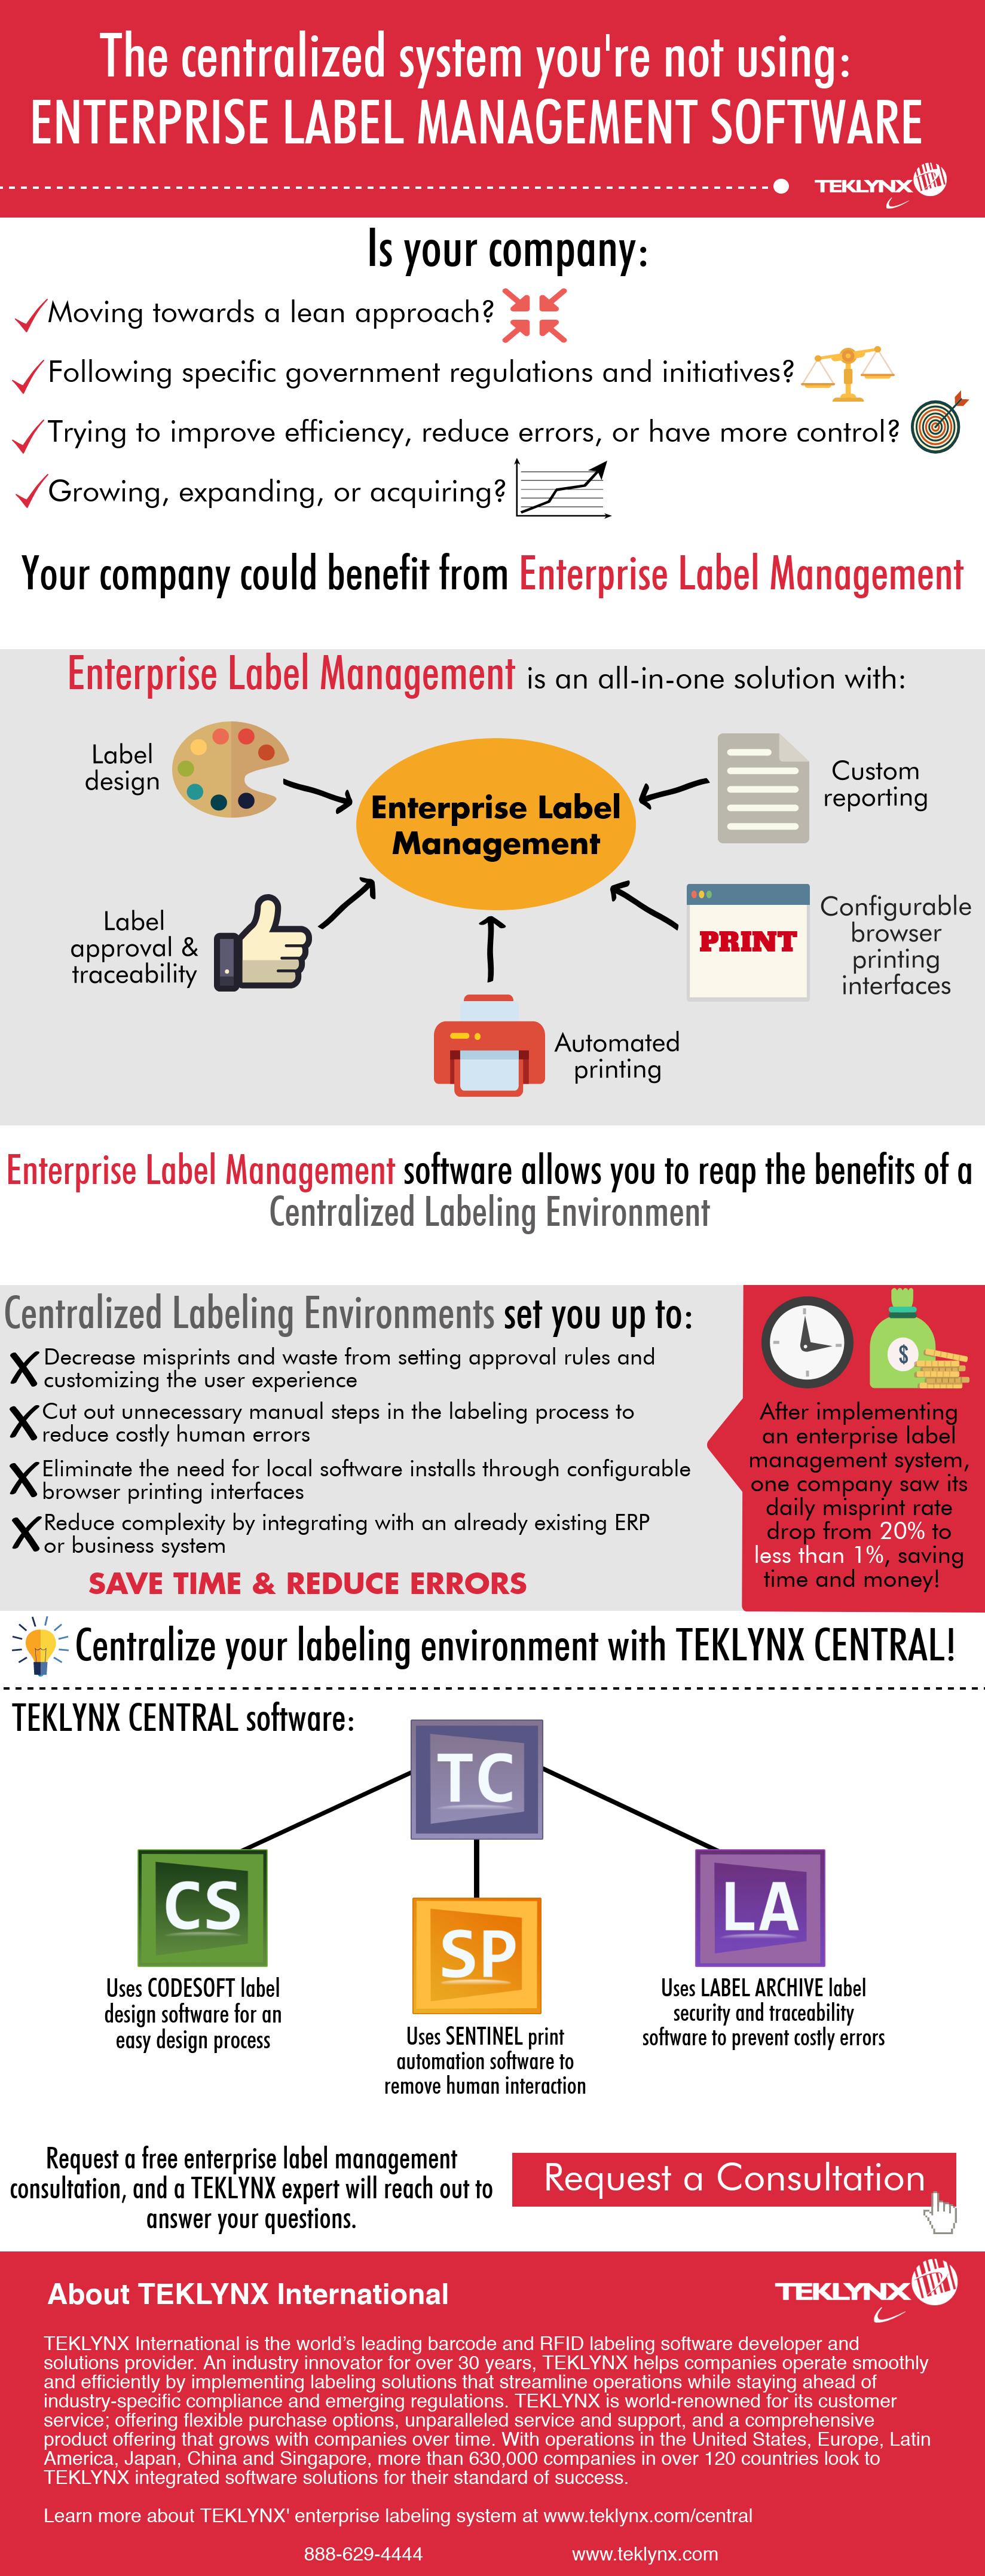 Kullanıyor olduğunuz merkezi sistem: İşletme Etiket Yönetimi Yazılımı